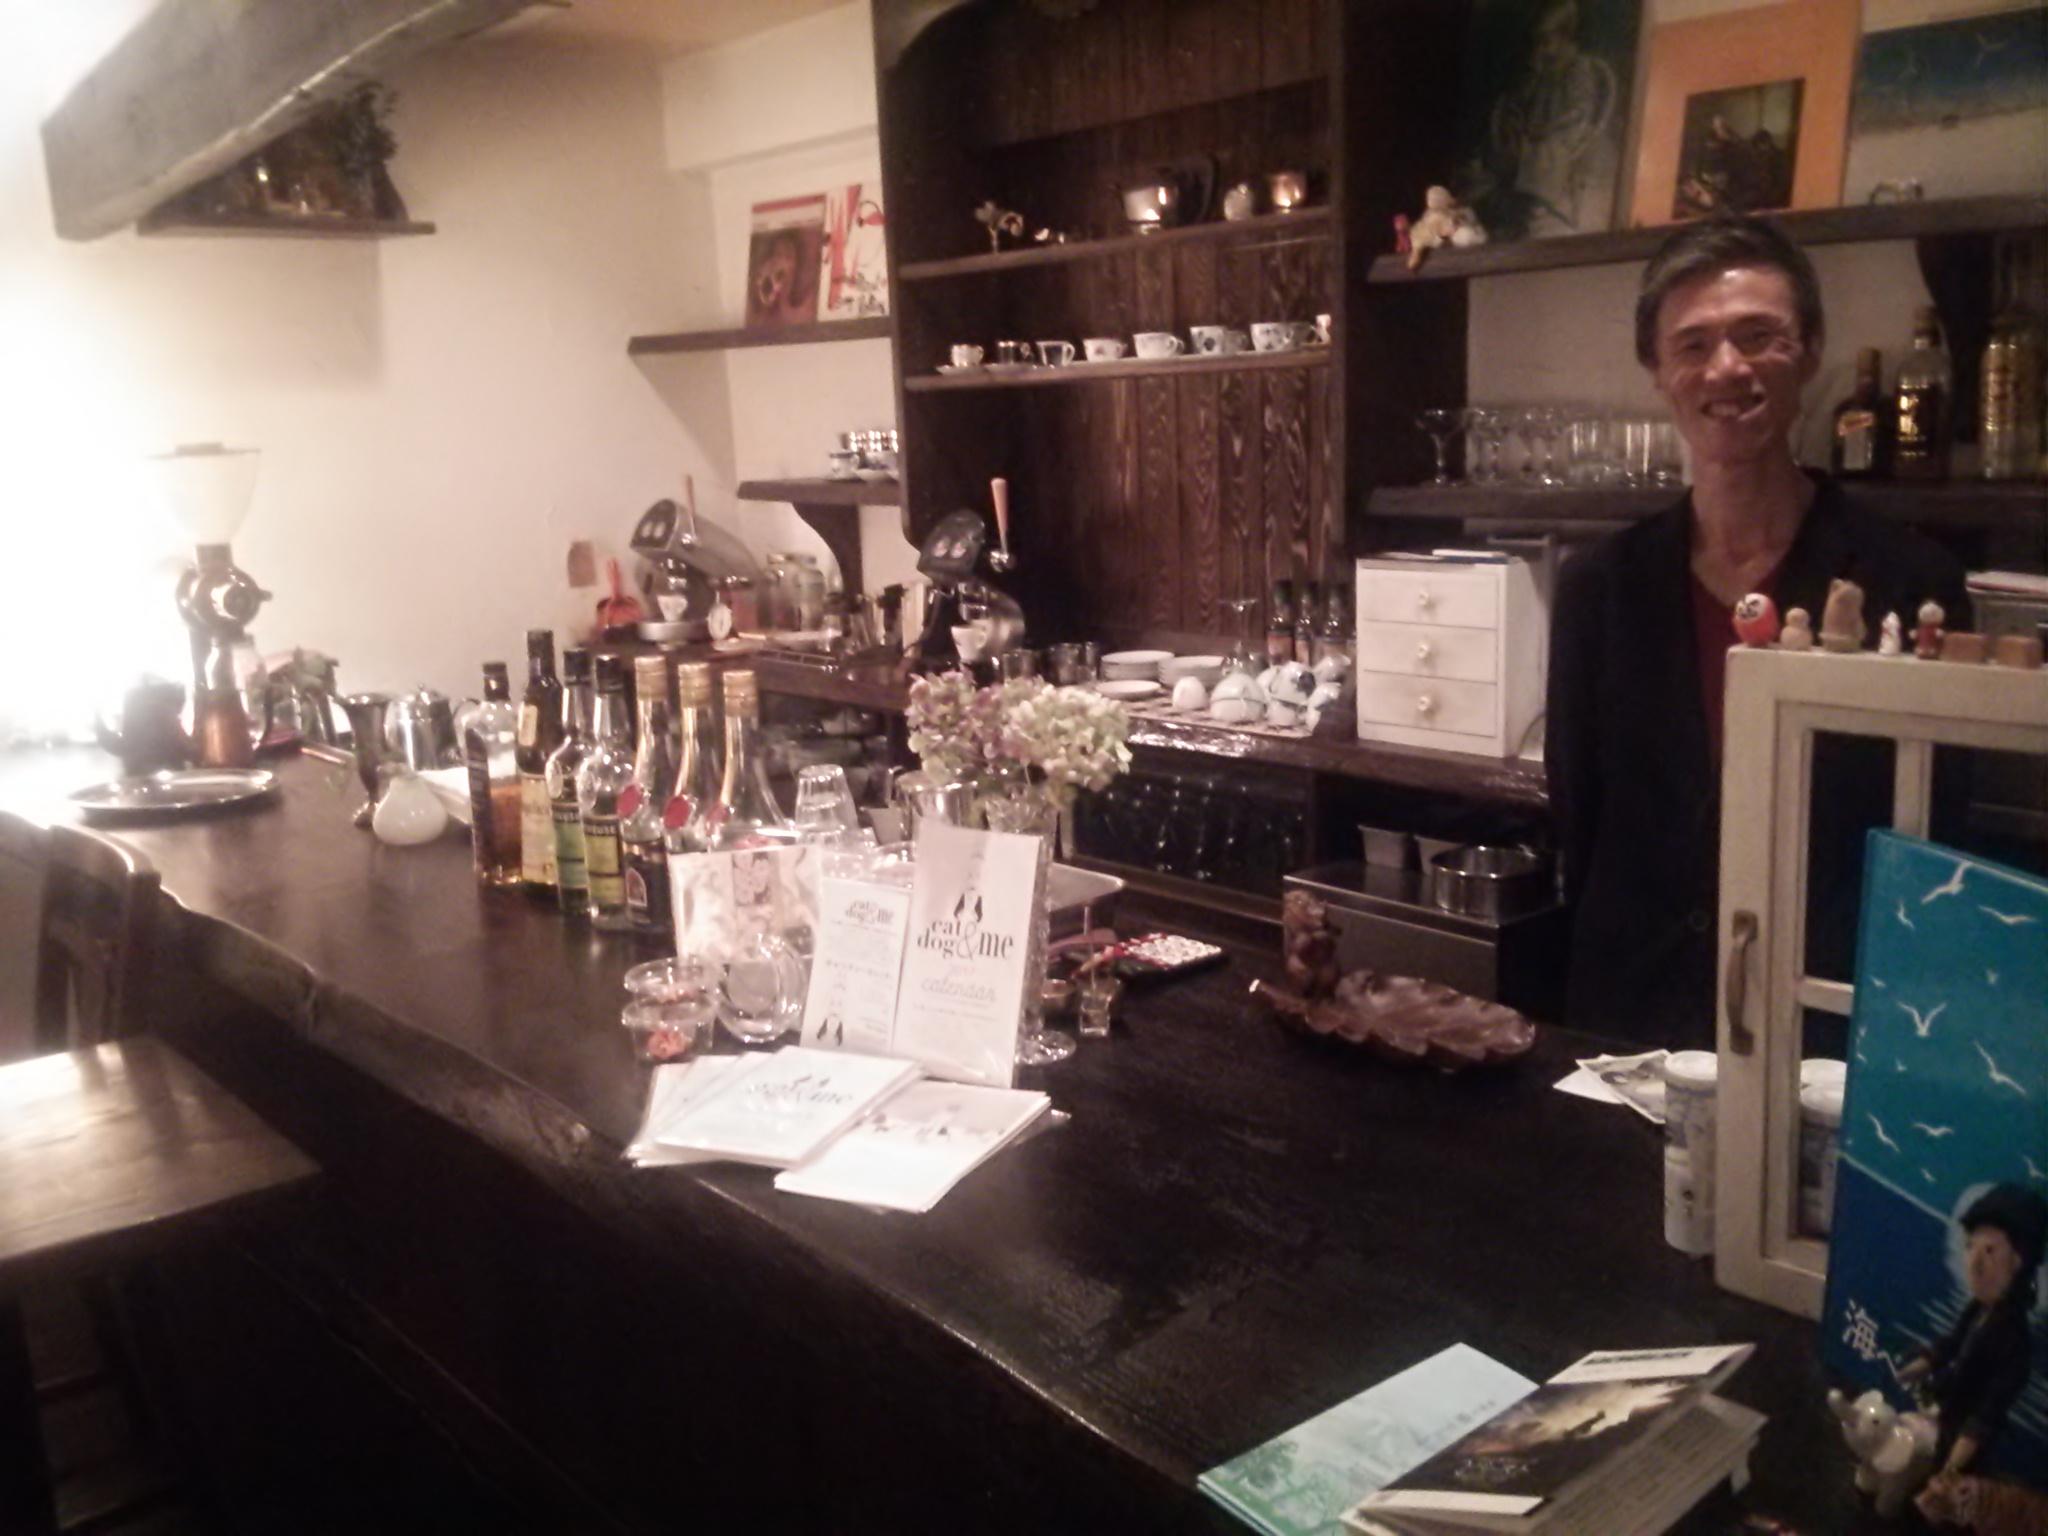 【Cafe*Vol.5】マスターの笑顔に癒やされる自分時間のカフェ